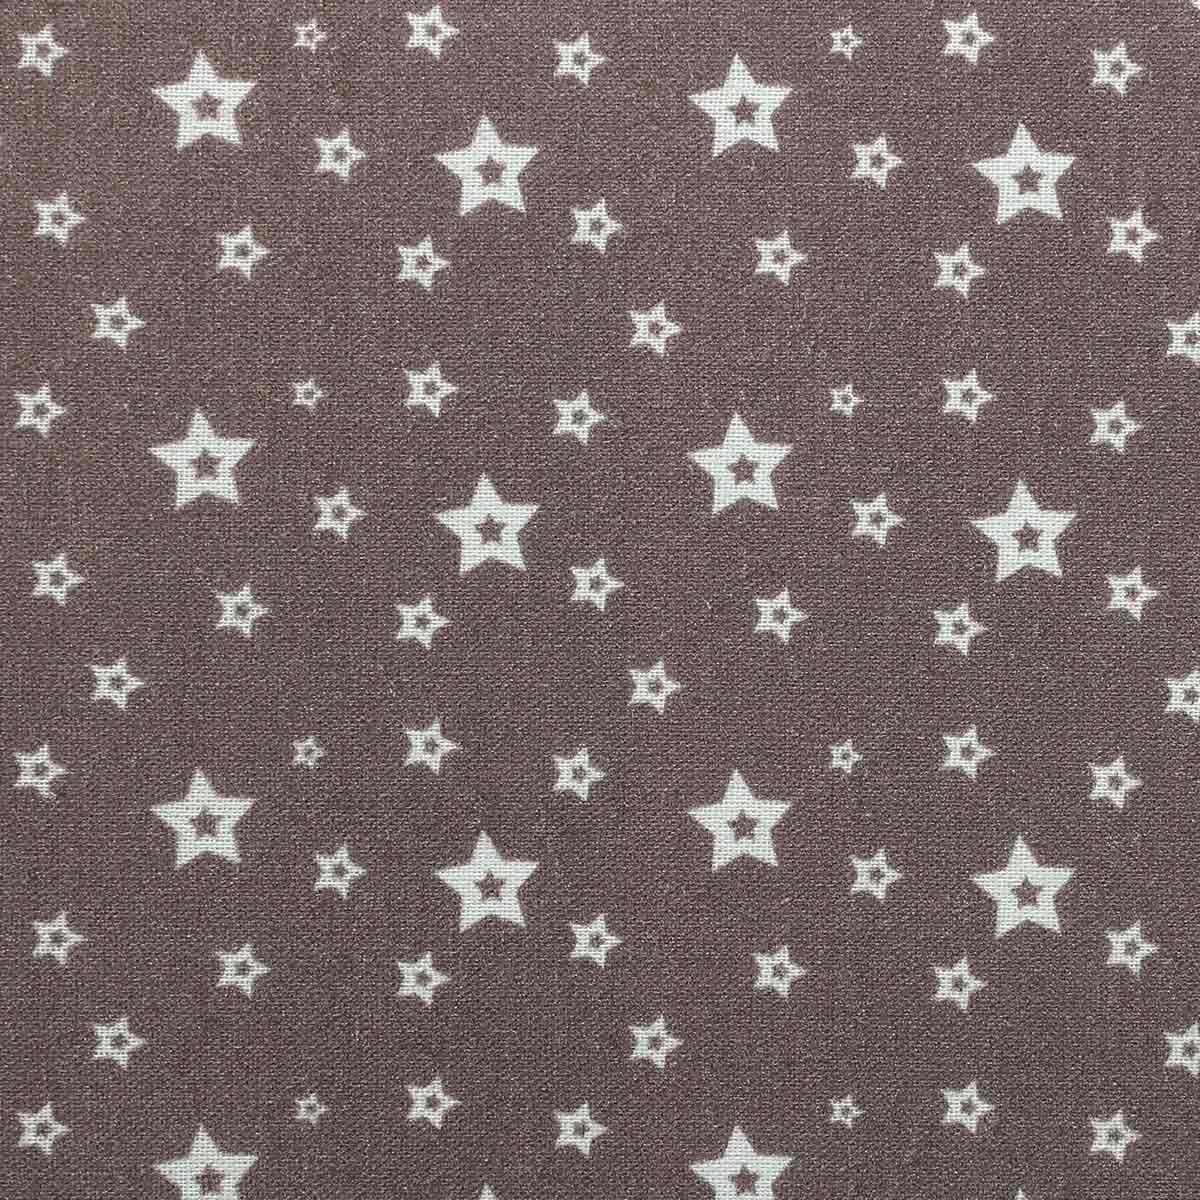 АМ575032 Ткань 'Звезды' №32, 100% хлопок, 120 г/м2, размер 48*50см